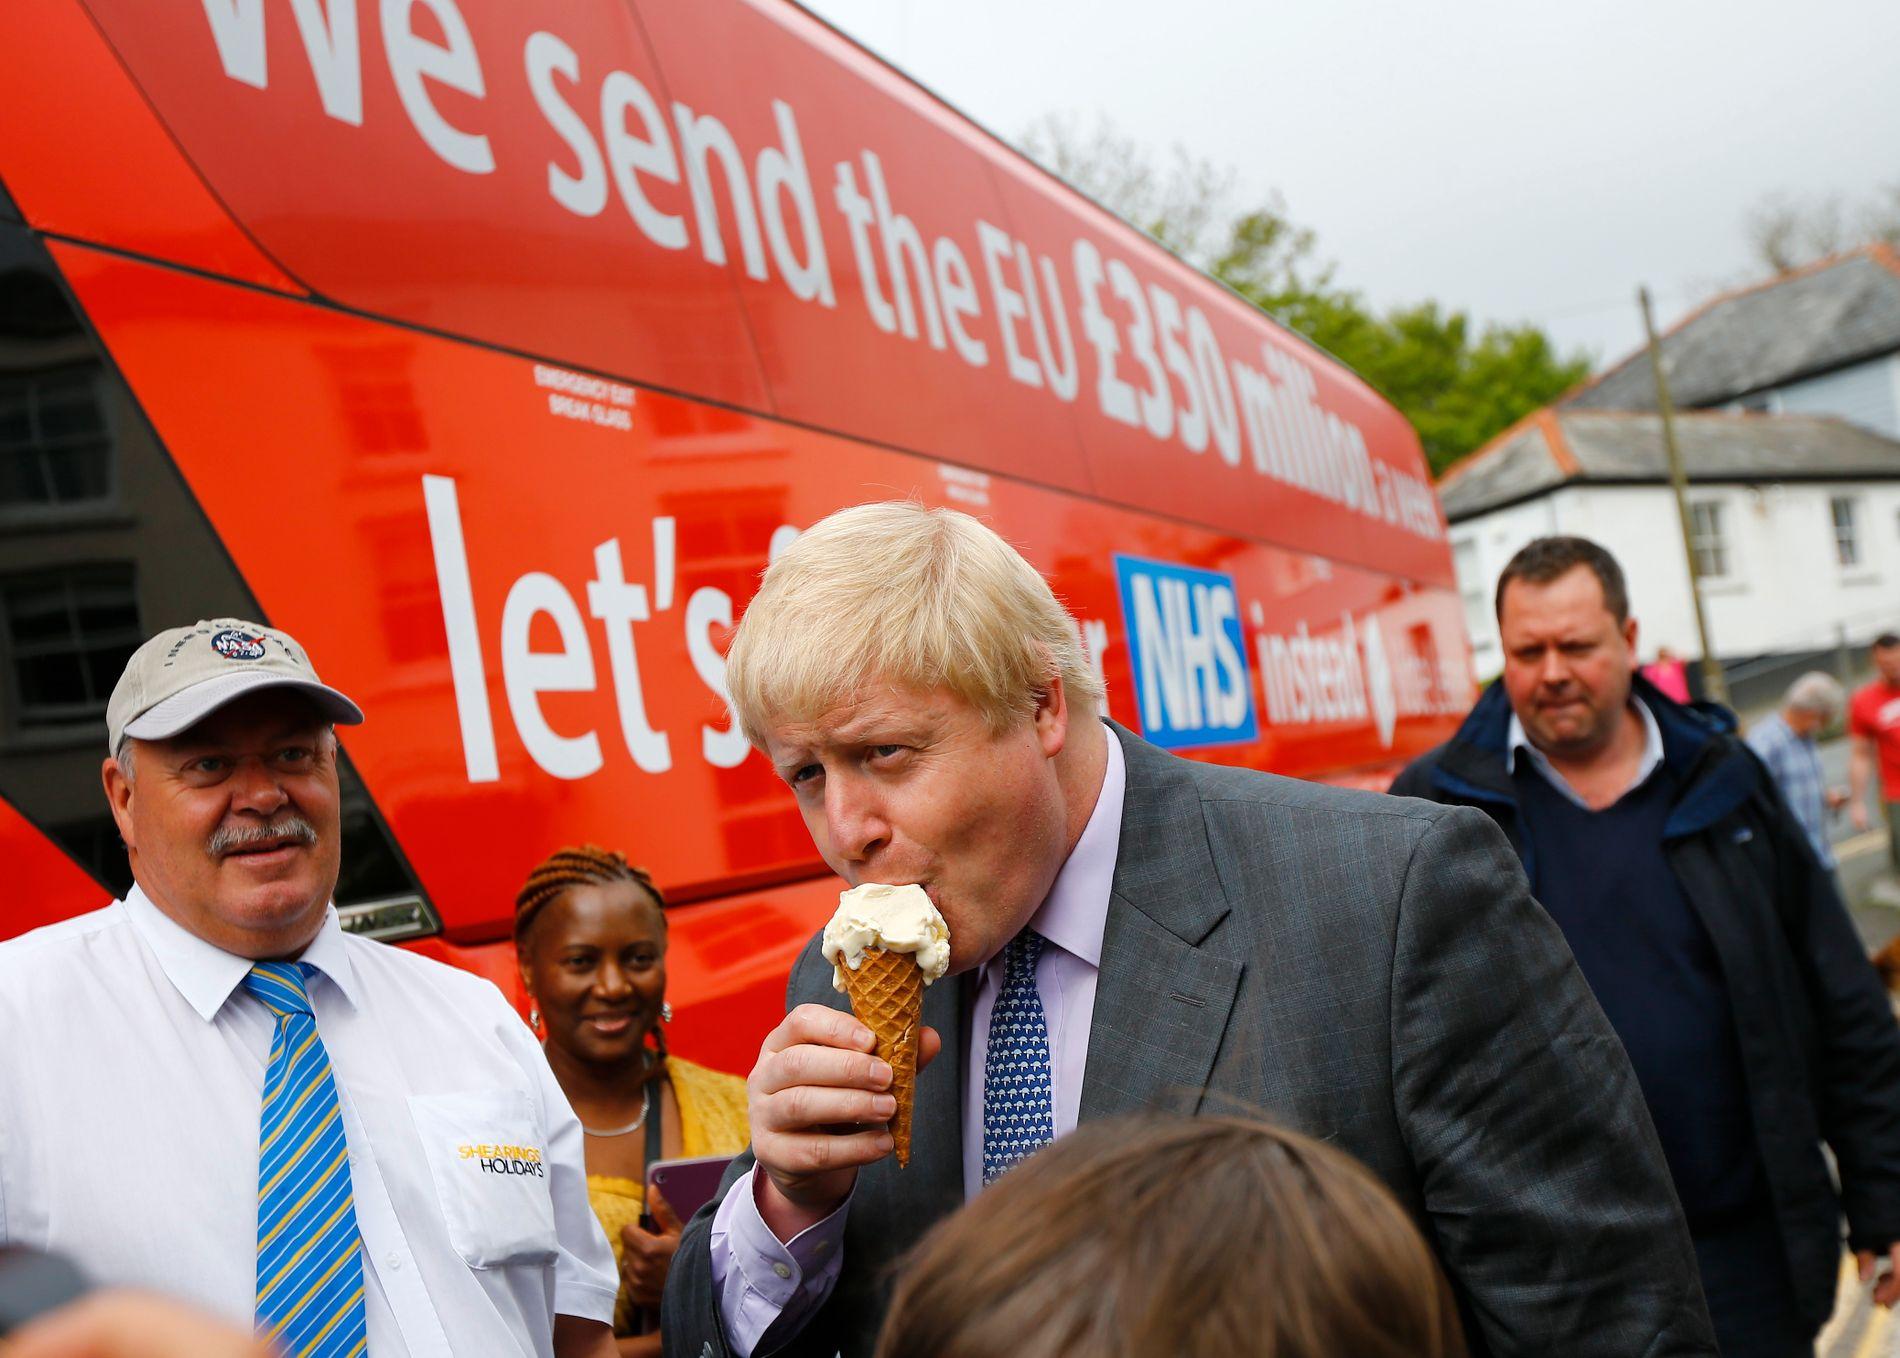 LØGN: Brexit-forkjemparar som Boris Johnson kom med løfter som var umogeleg å halde. Dei lova blant anna at pengane som britane betalte til EU-samarbeidet heller skulle gå til britiske sjukehus.